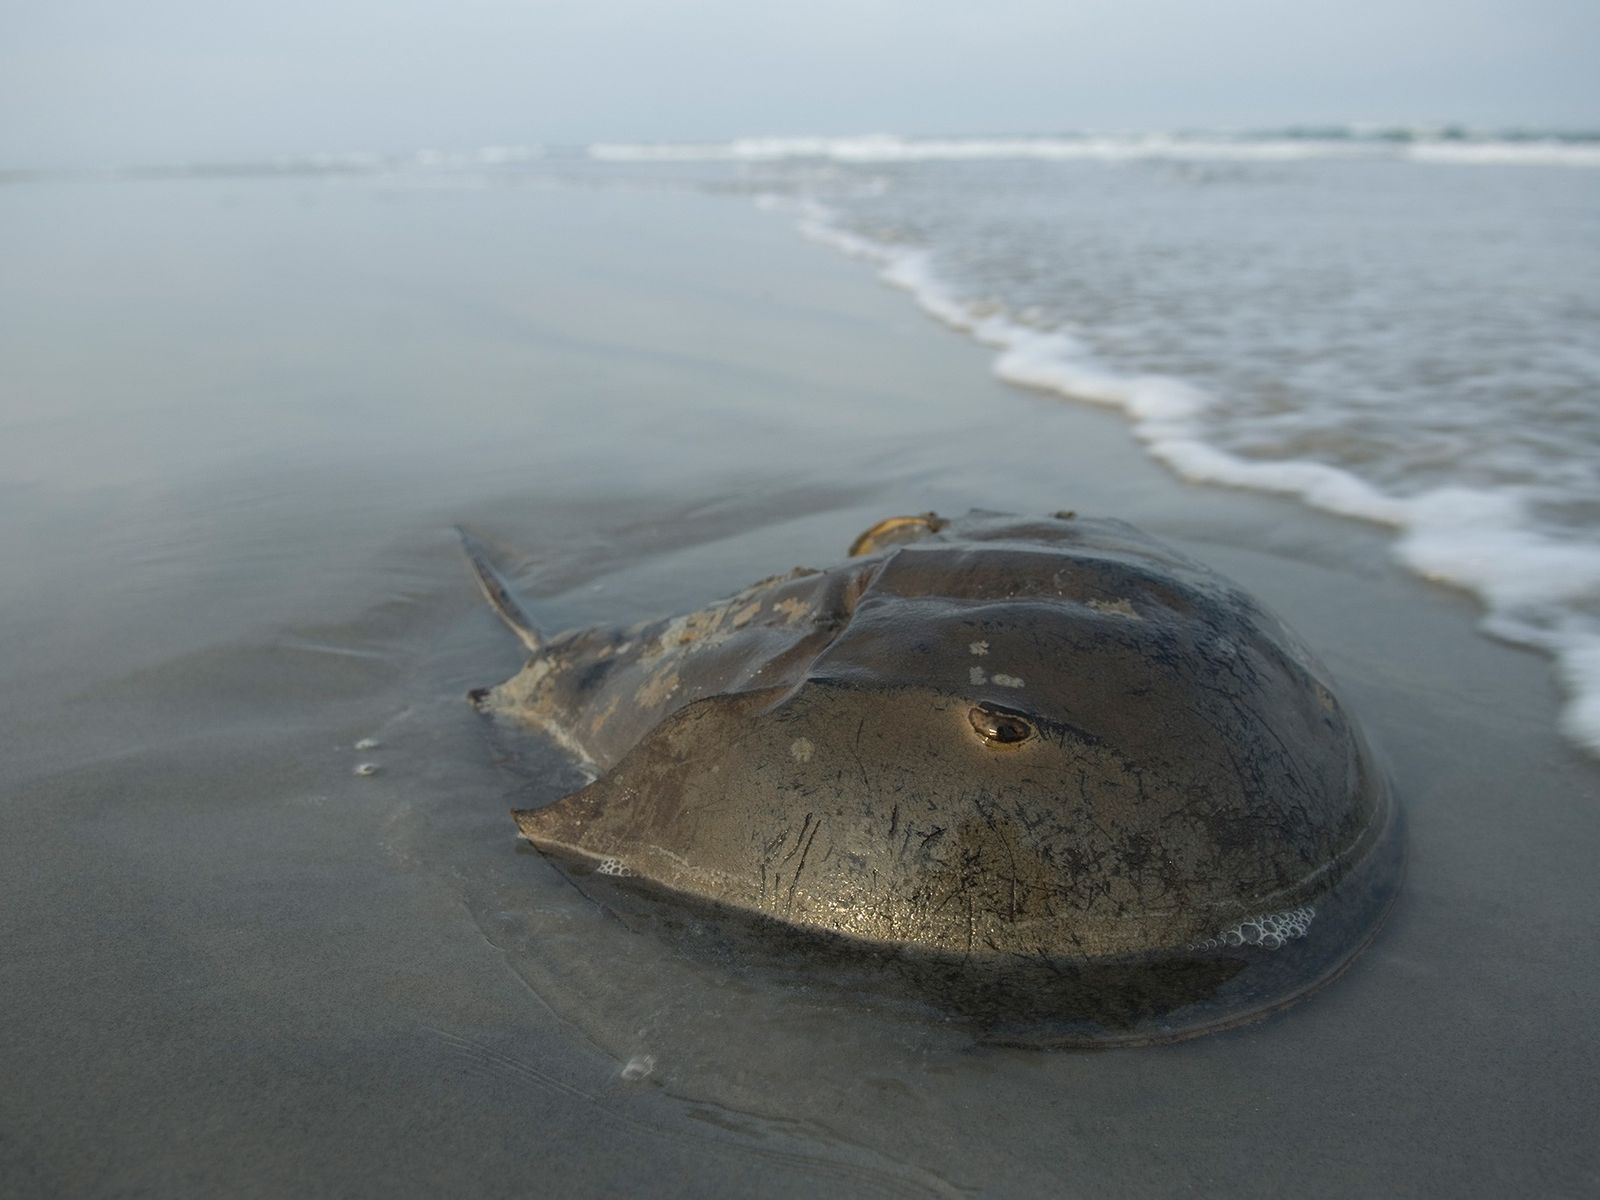 Um caranguejo-ferradura-do-atlântico na praia em Stone Harbor, Nova Jersey, não muito longe da baía de Delaware.